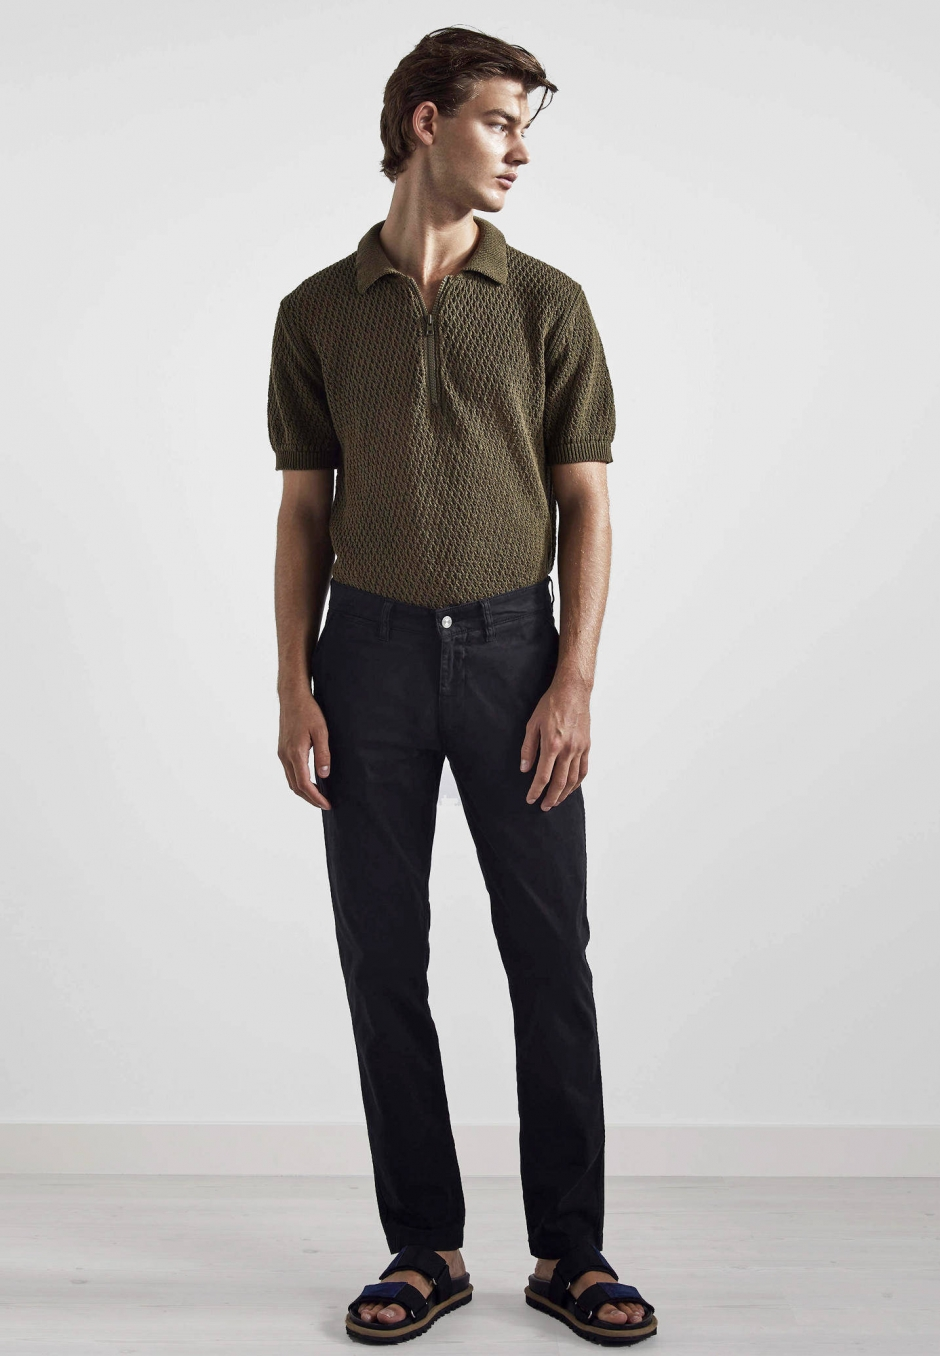 NN07 Marco 1400 Slim Cotton Chino Black